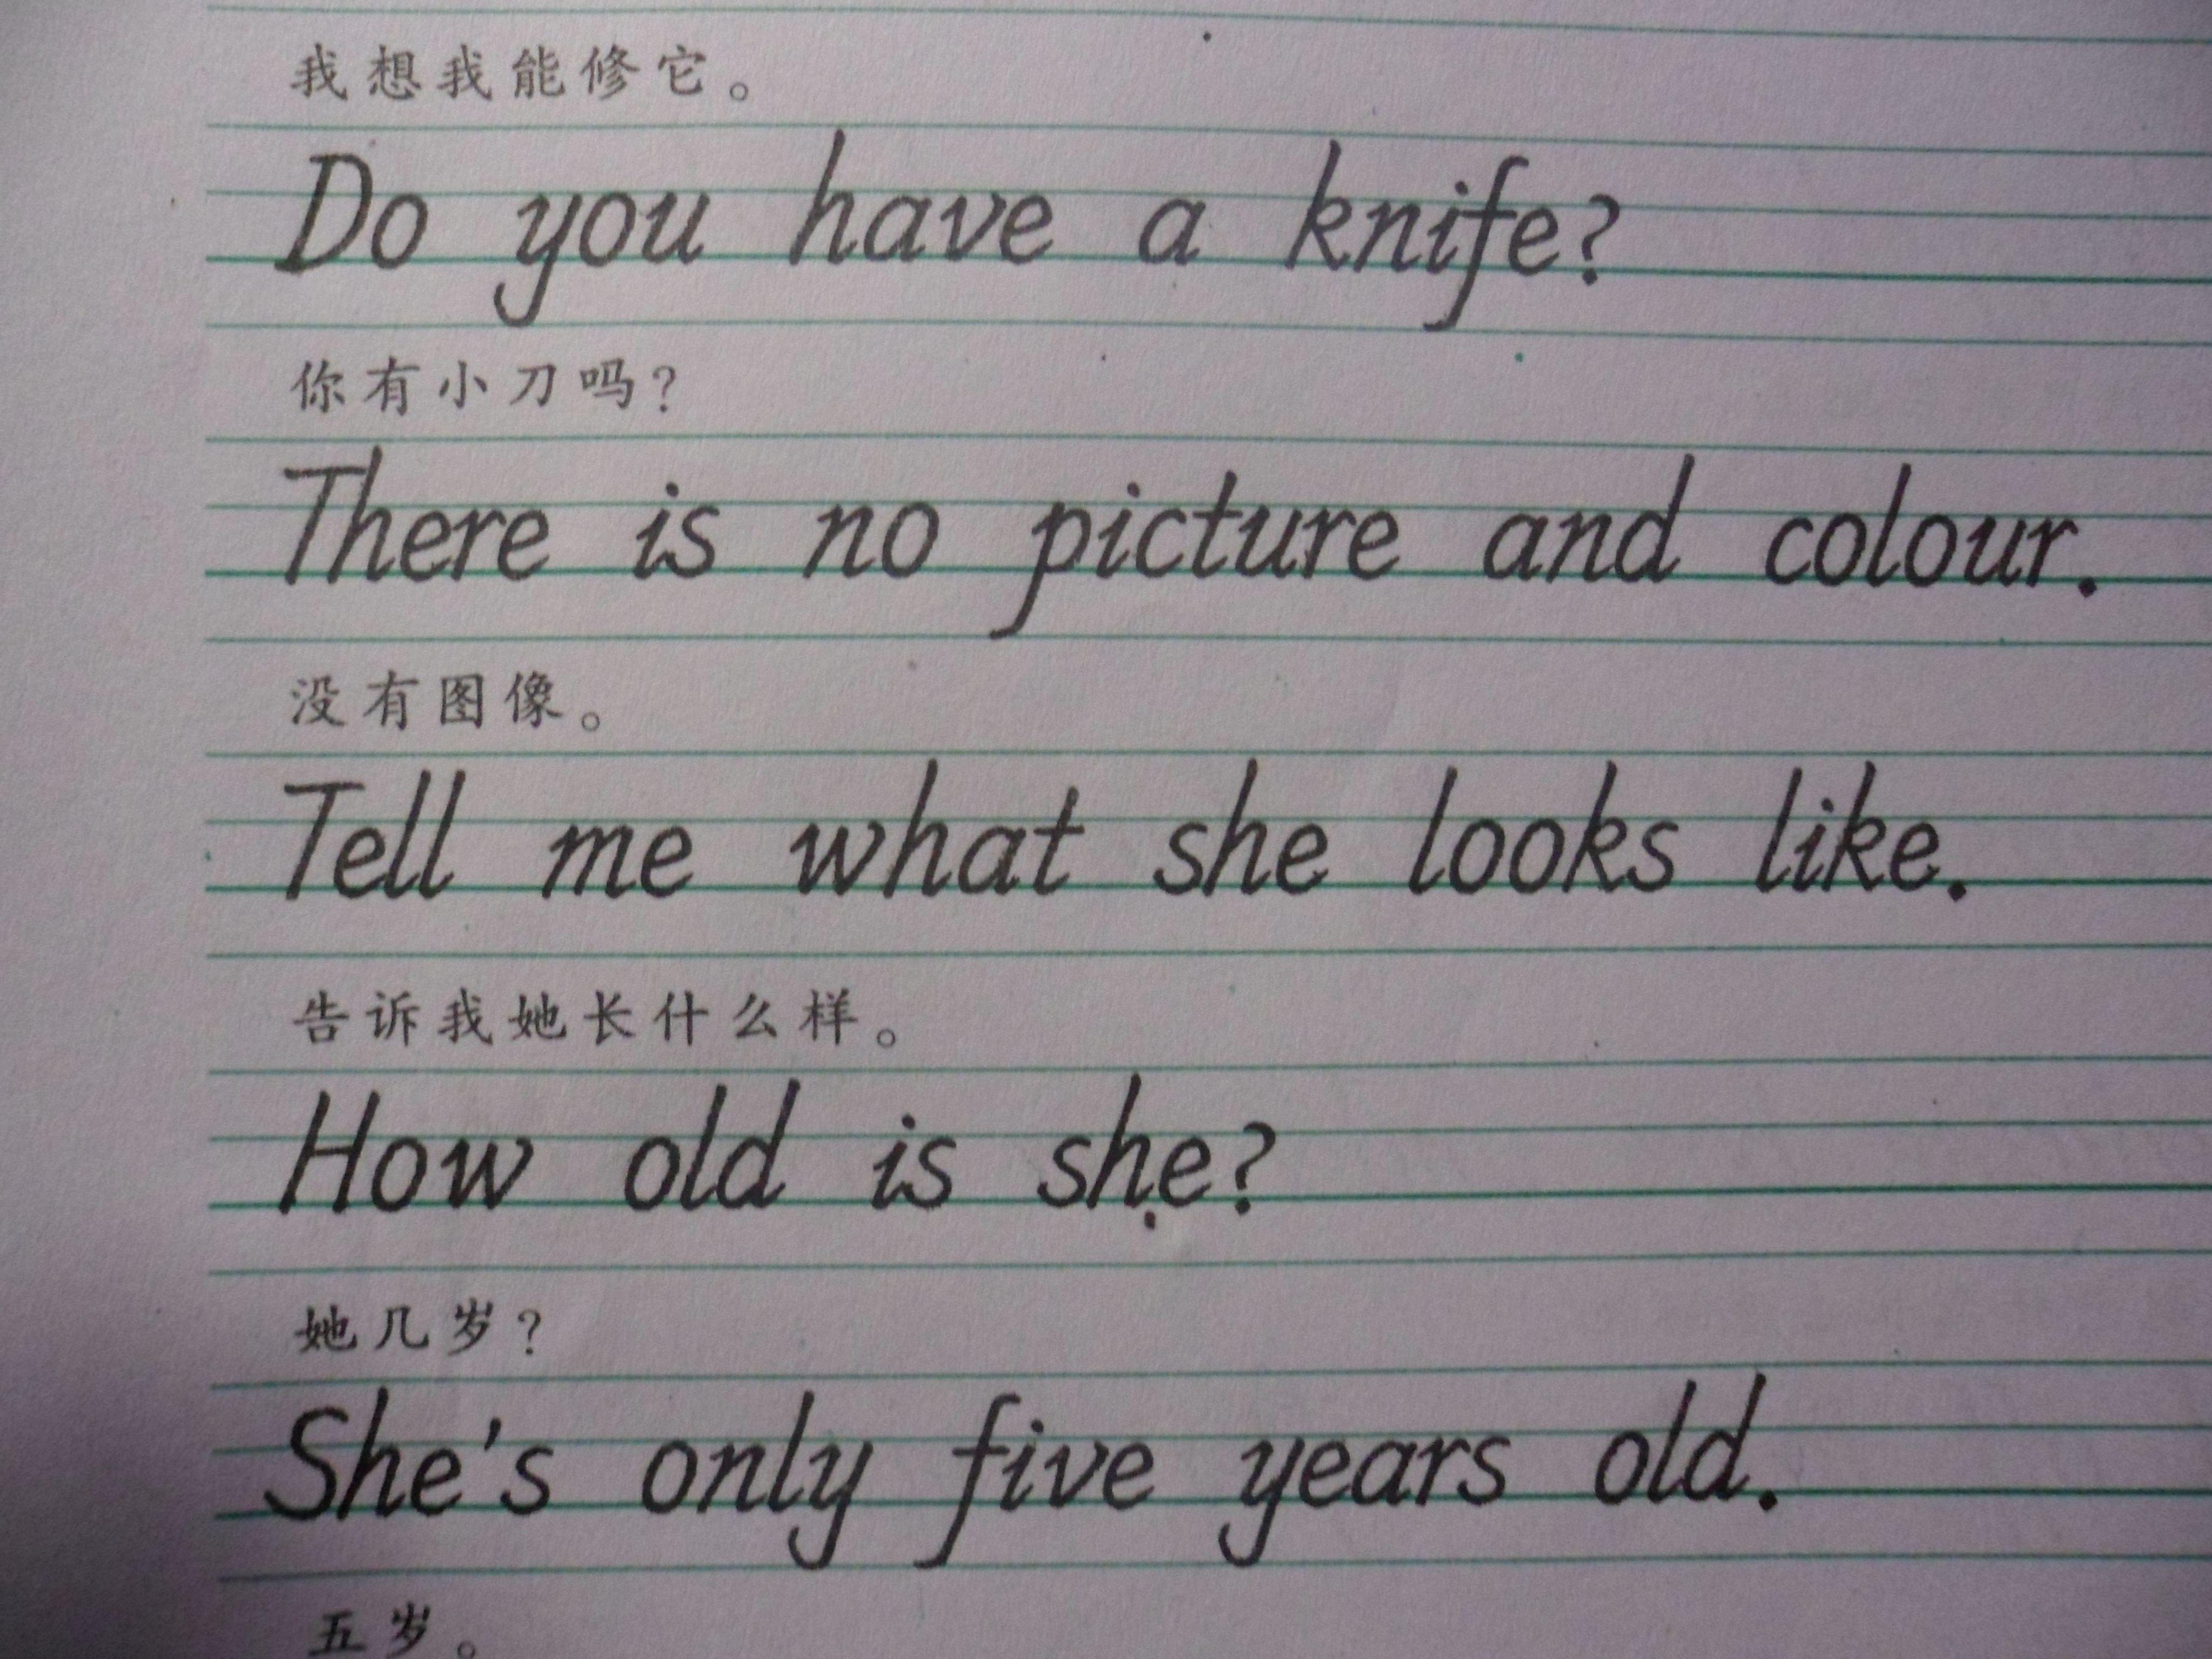 抄写的英语单词怎么排才好看图片